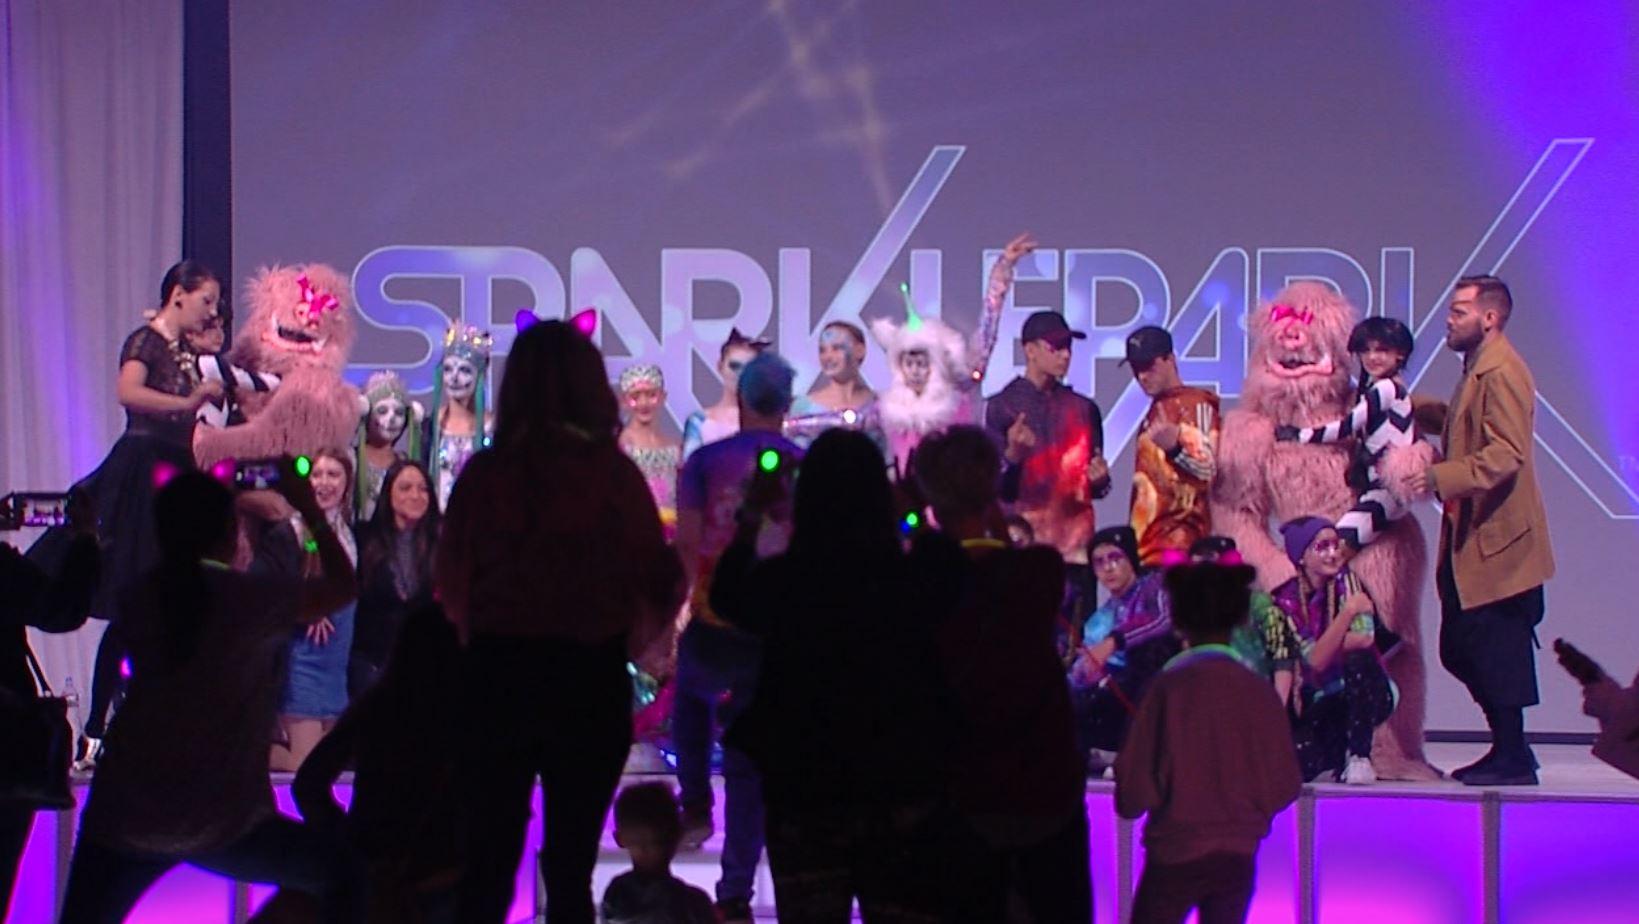 sparklepark_1508639548483.jpg